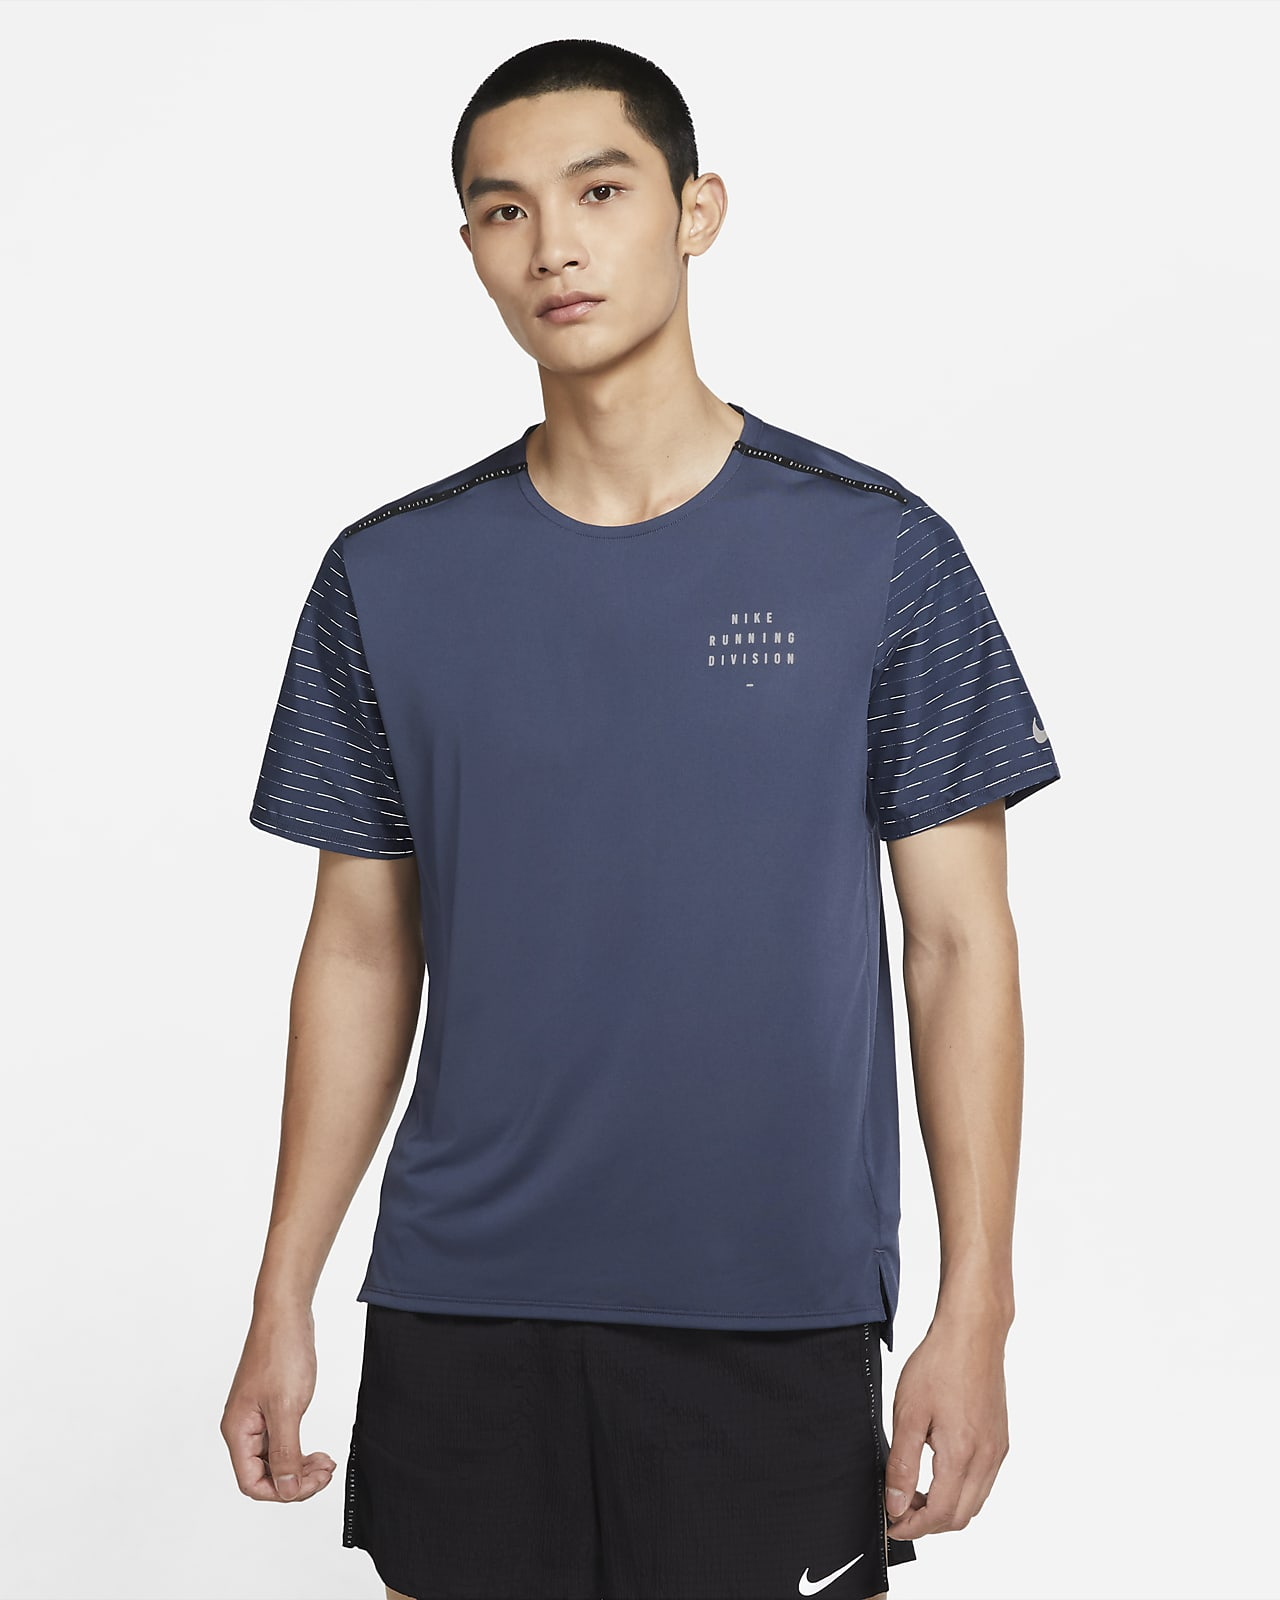 เสื้อวิ่งแขนสั้นผู้ชาย Nike Dri-FIT Rise 365 Run Division